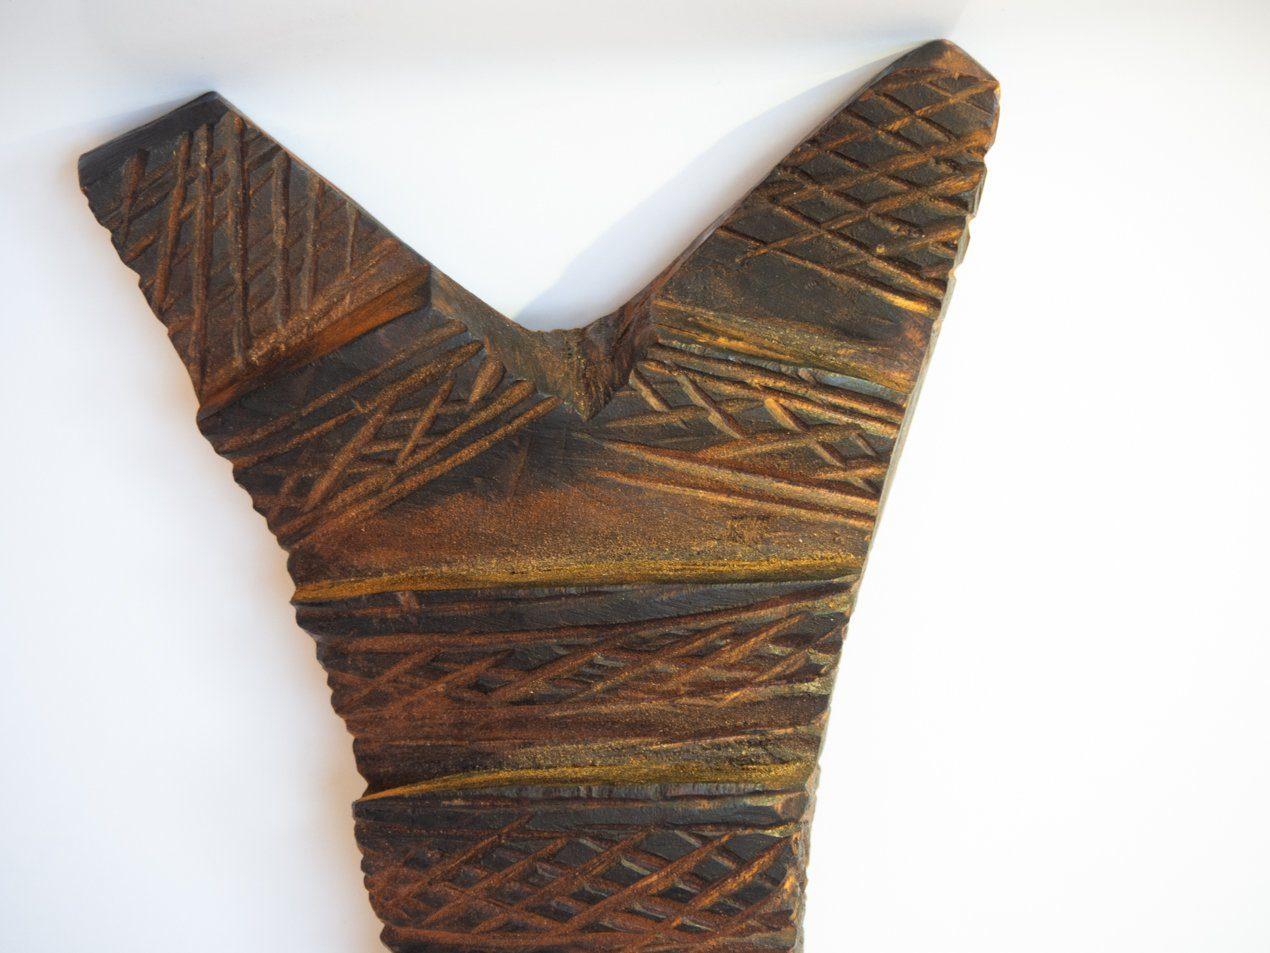 Talla de madera escalerilla africana: Tipo: cuenco de cerámica. Procedencia: artesano local en Djene, Mali. Tamaño: 15cm.